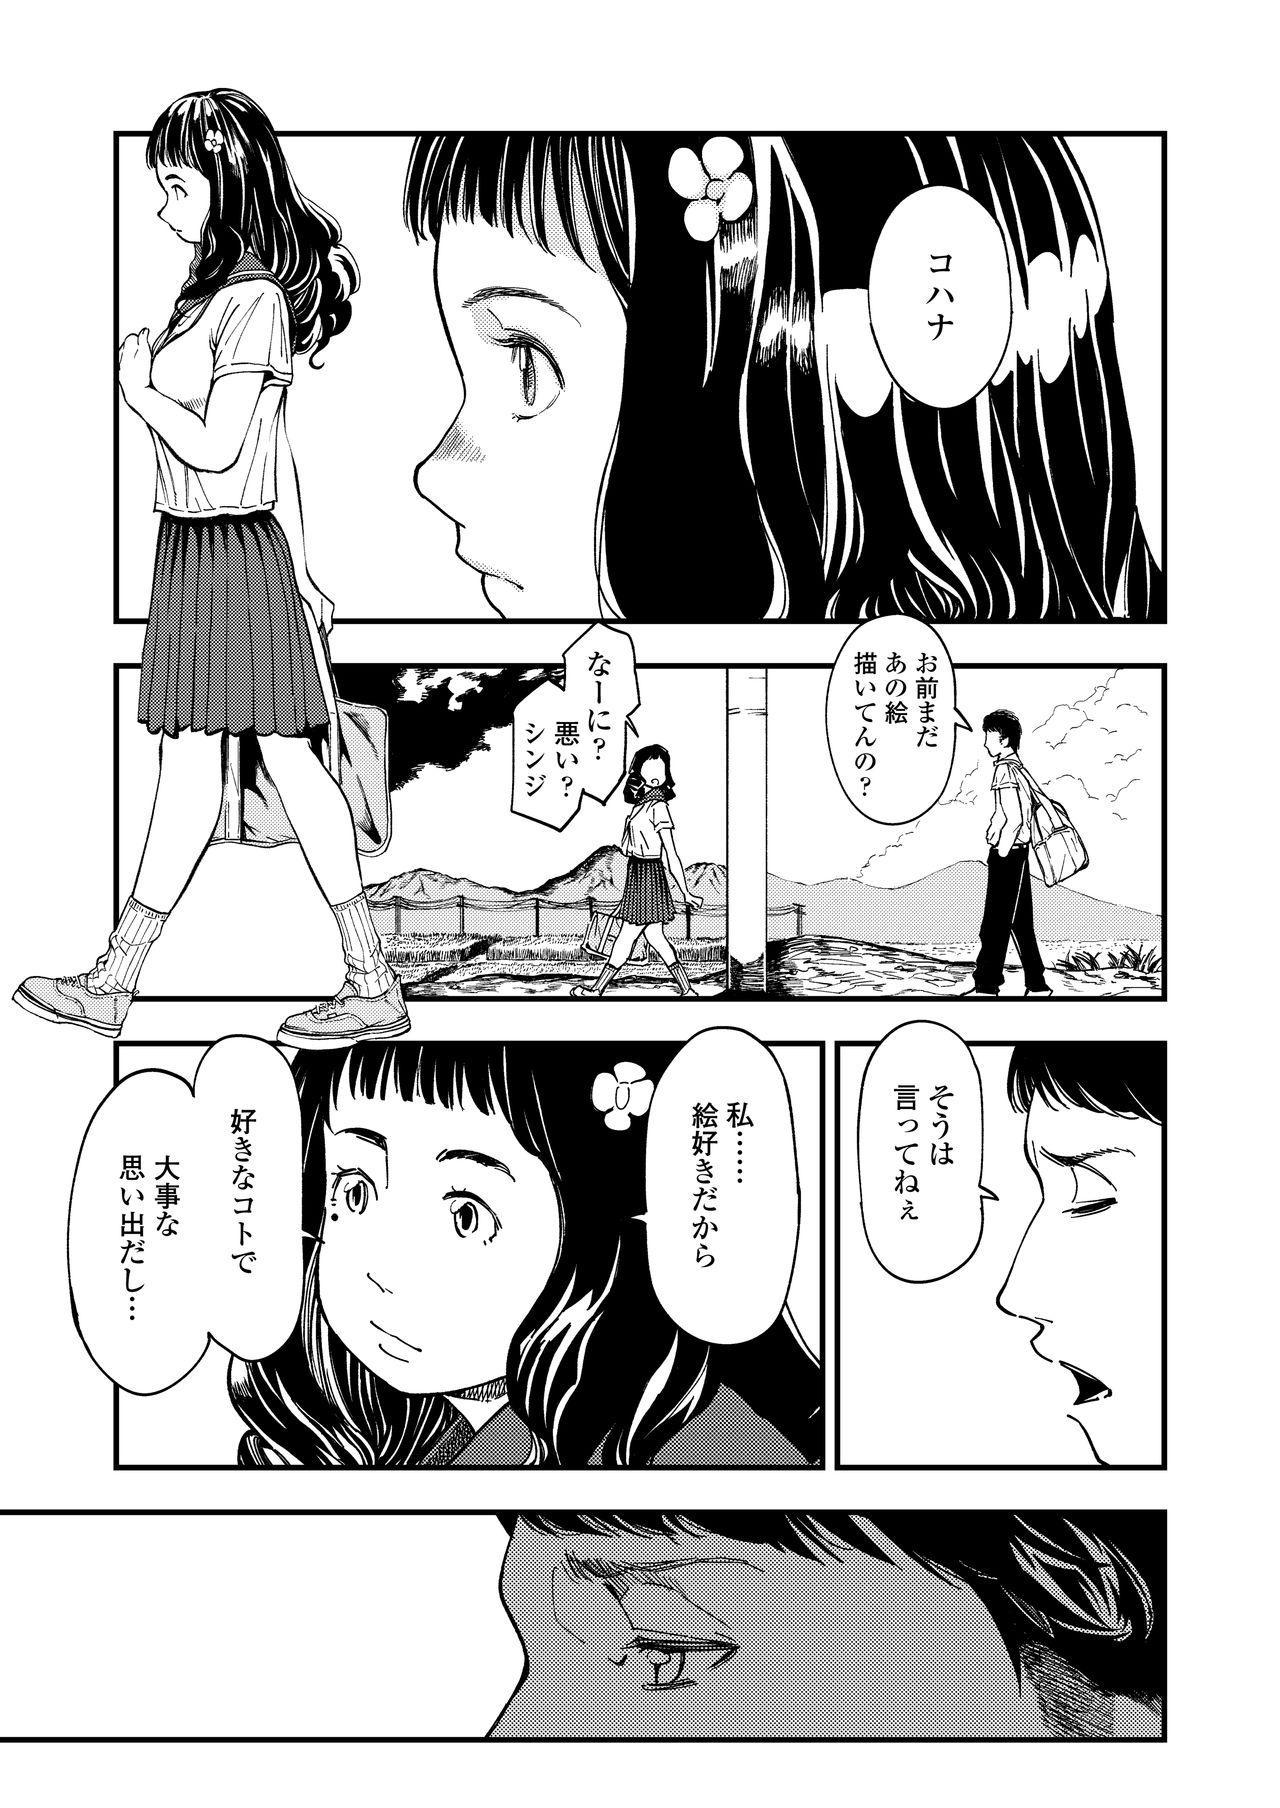 COMIC AOHA 2021 Natsu 288